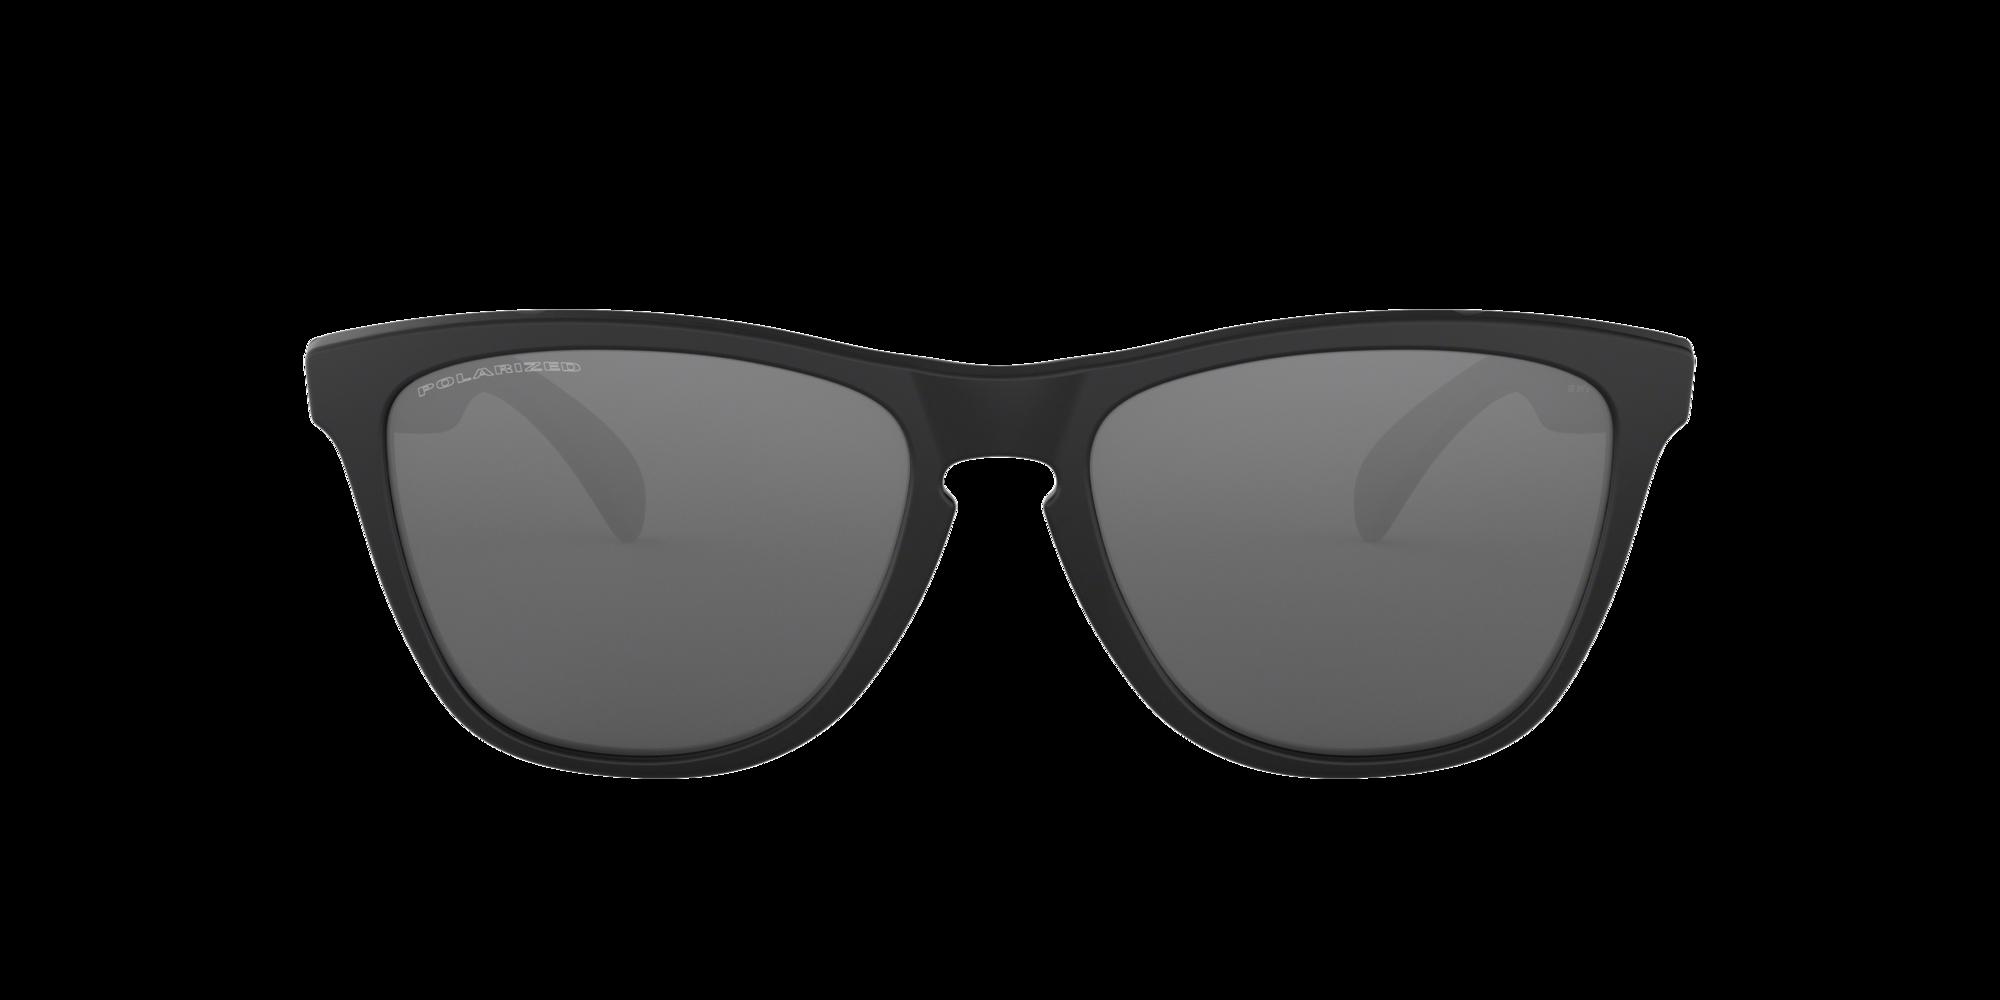 Imagen para OO9013 FROGSKIN 55 de LensCrafters |  Espejuelos, espejuelos graduados en línea, gafas